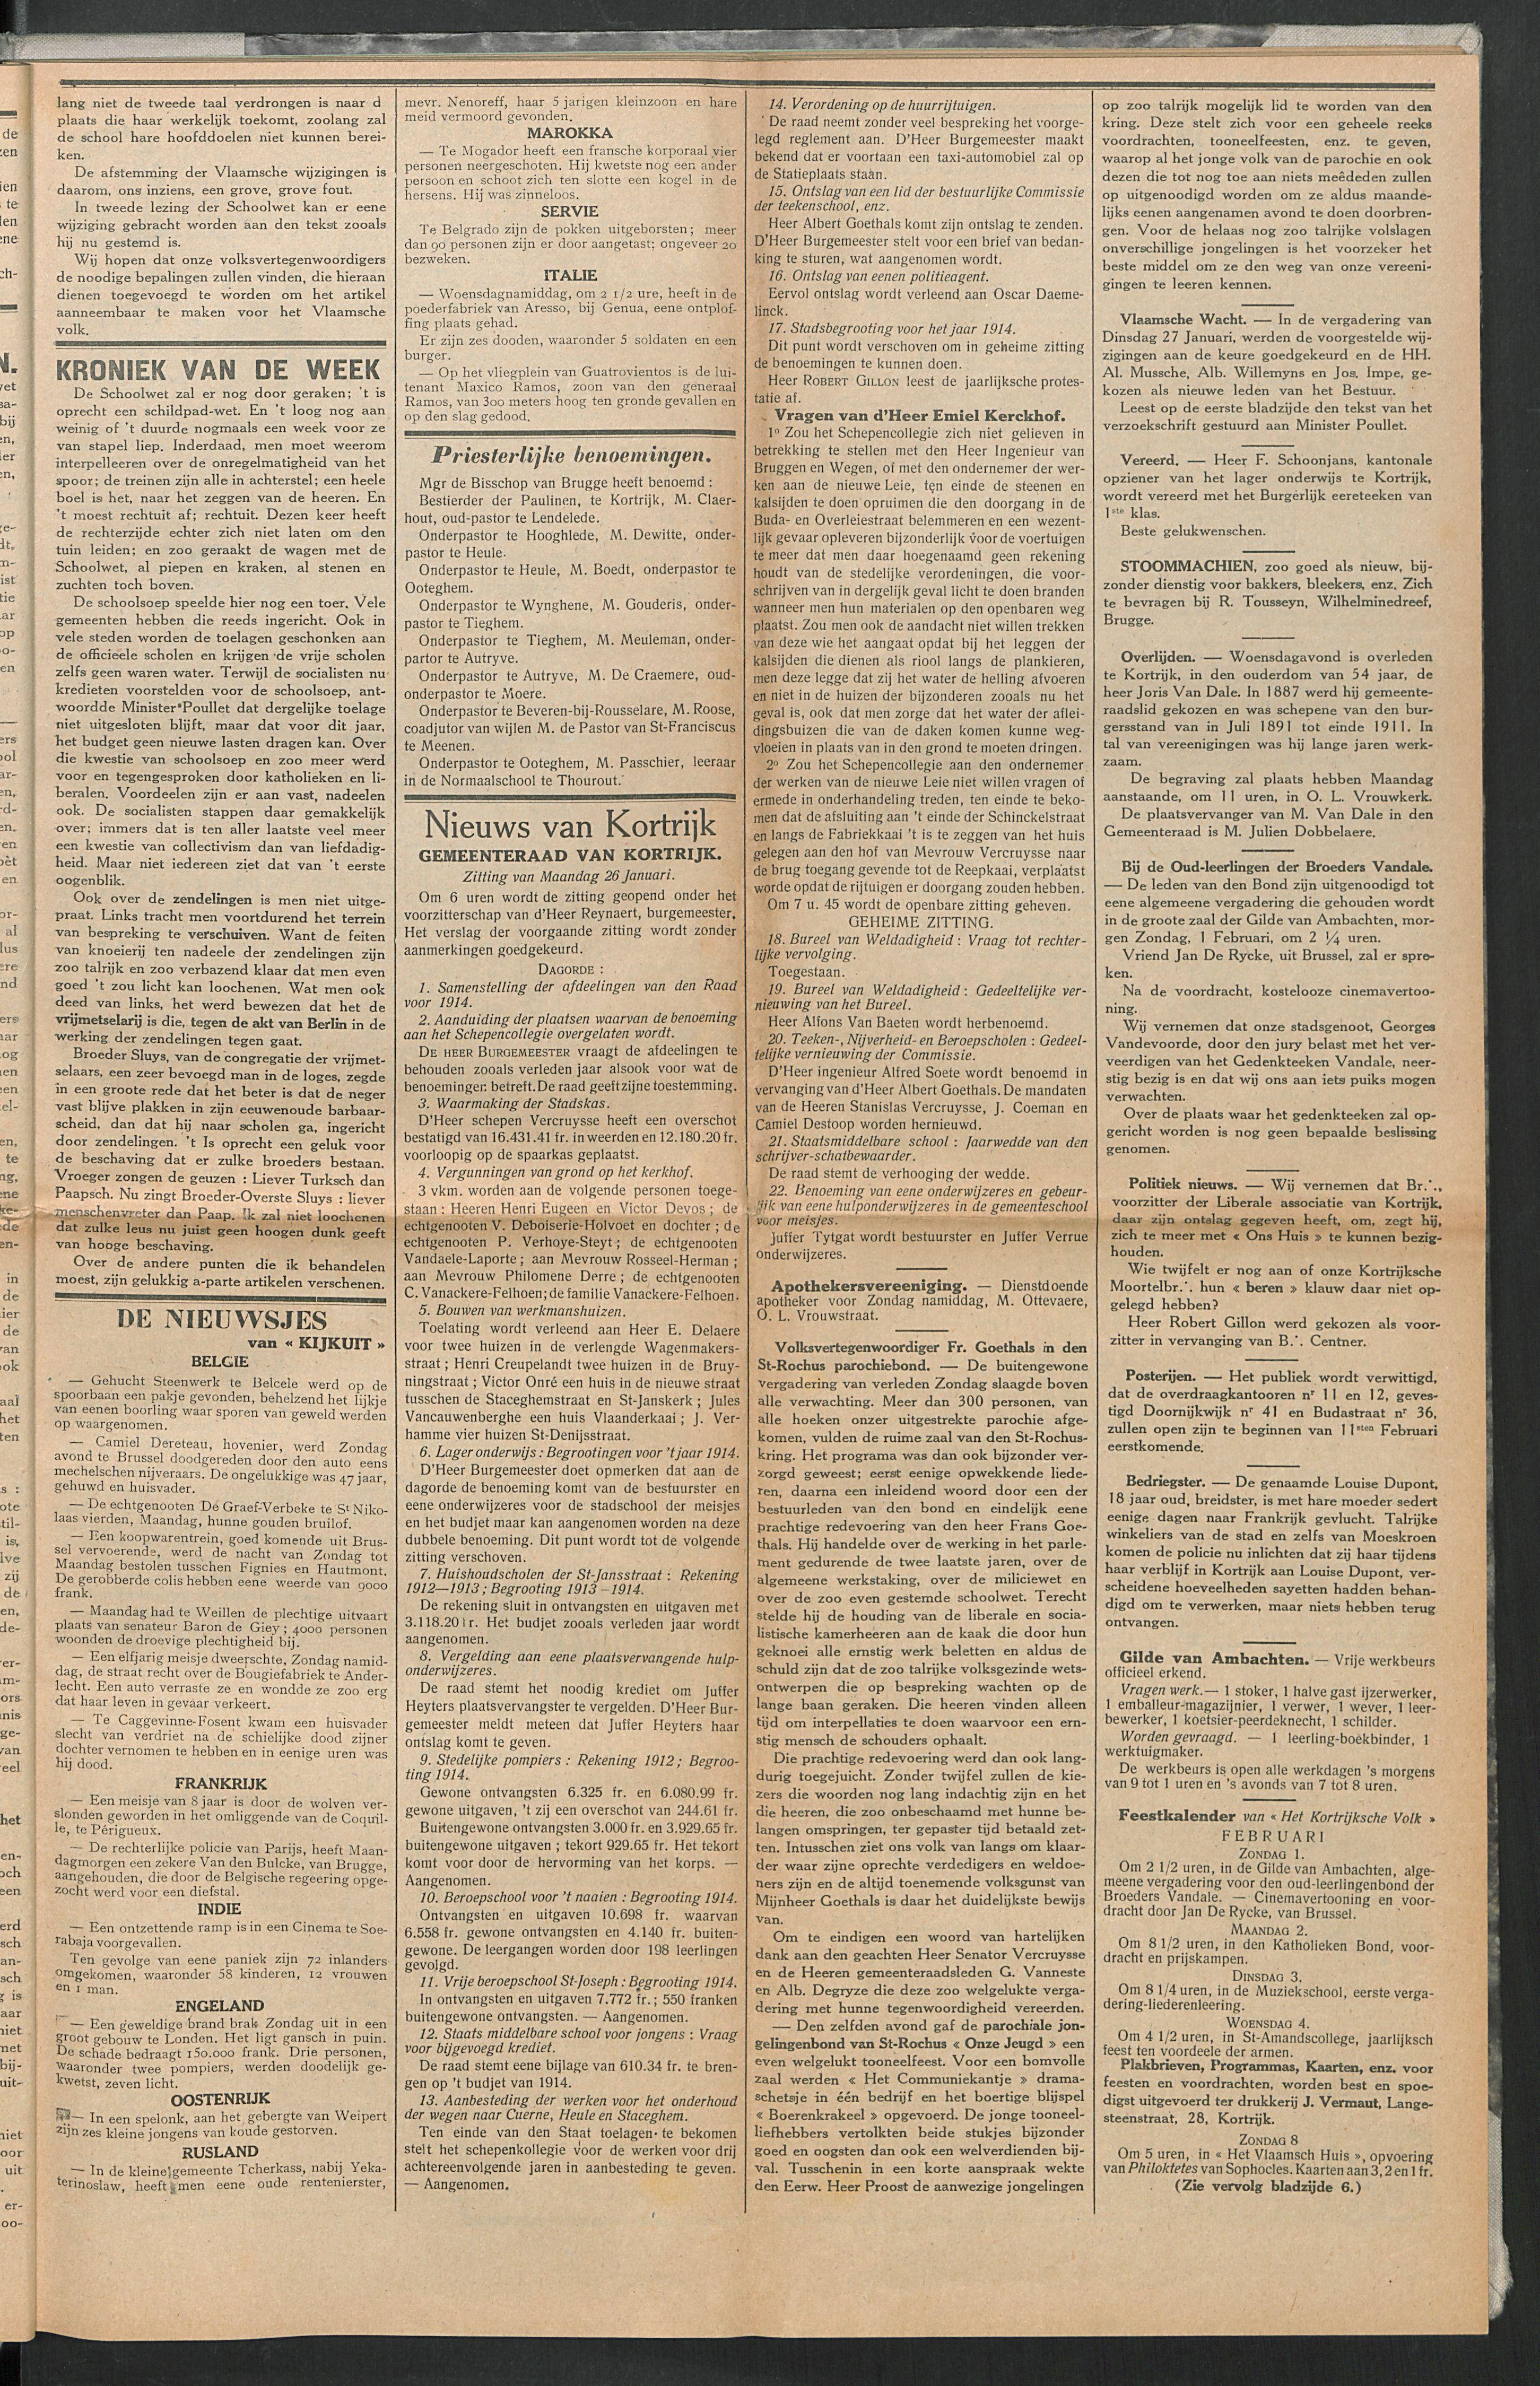 Het Kortrijksche Volk 1914-02-01 p3